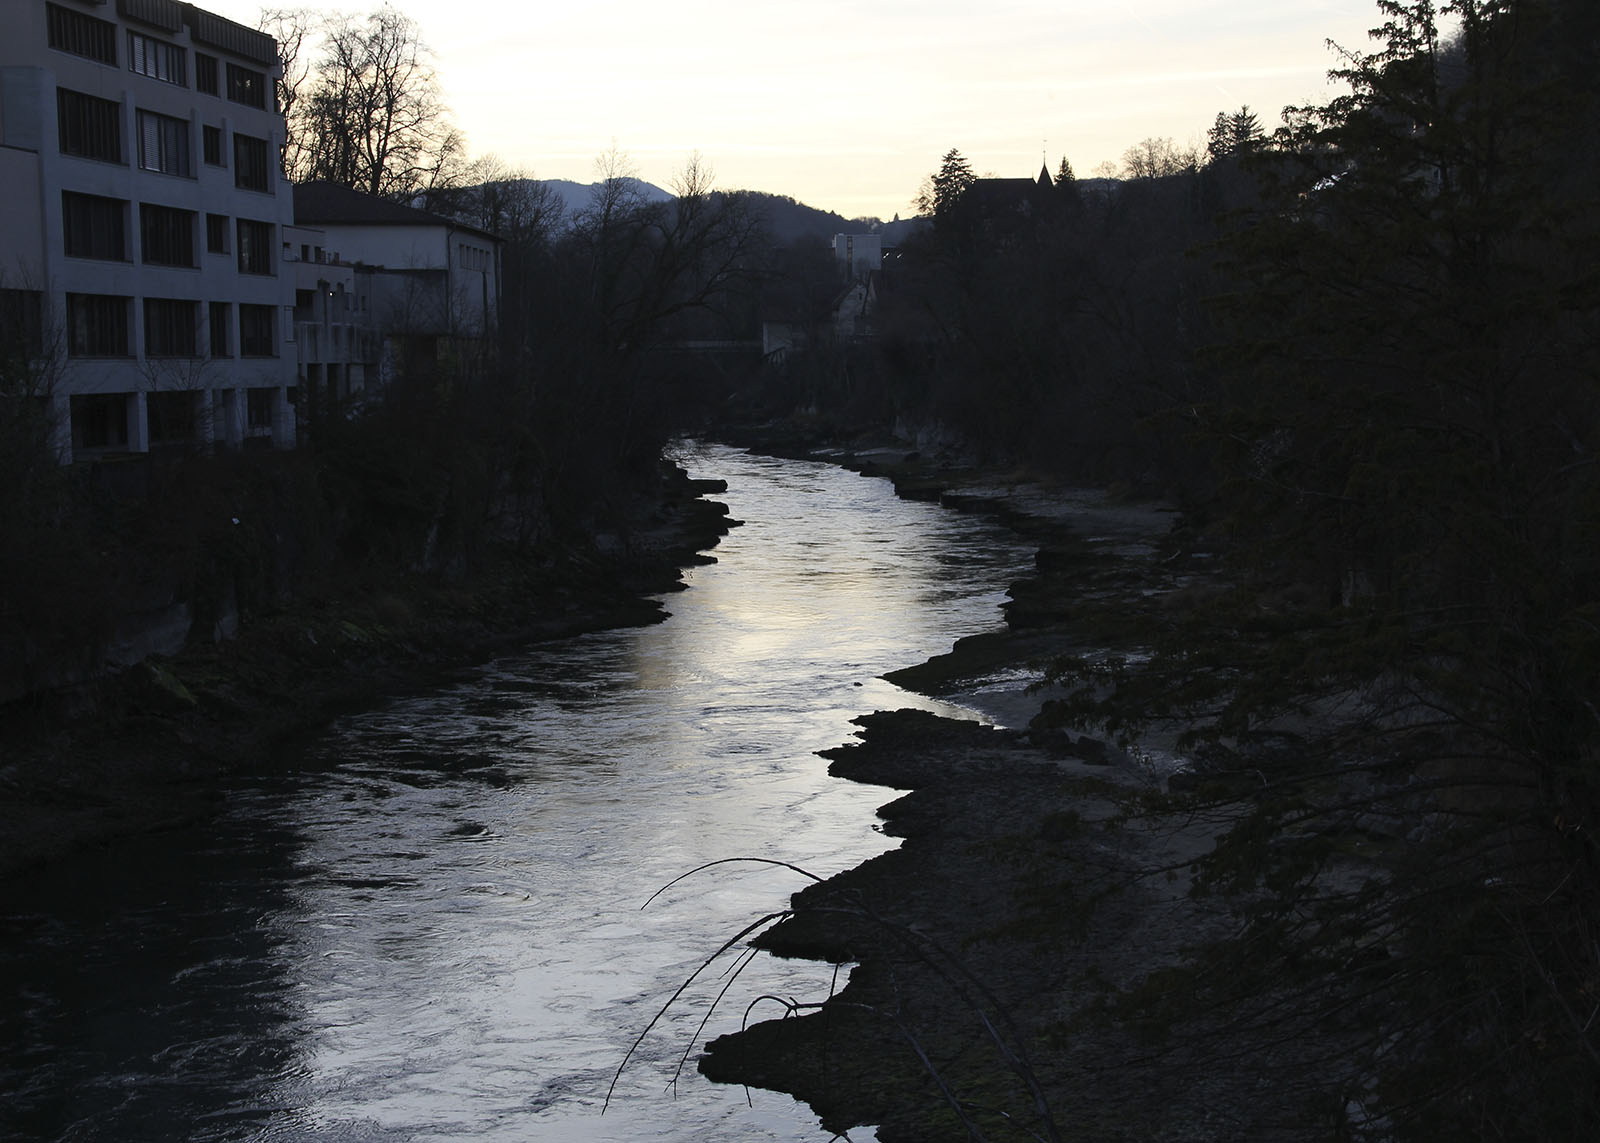 aare_aareschlucht_brugg_dämmerung_niedrigwasser